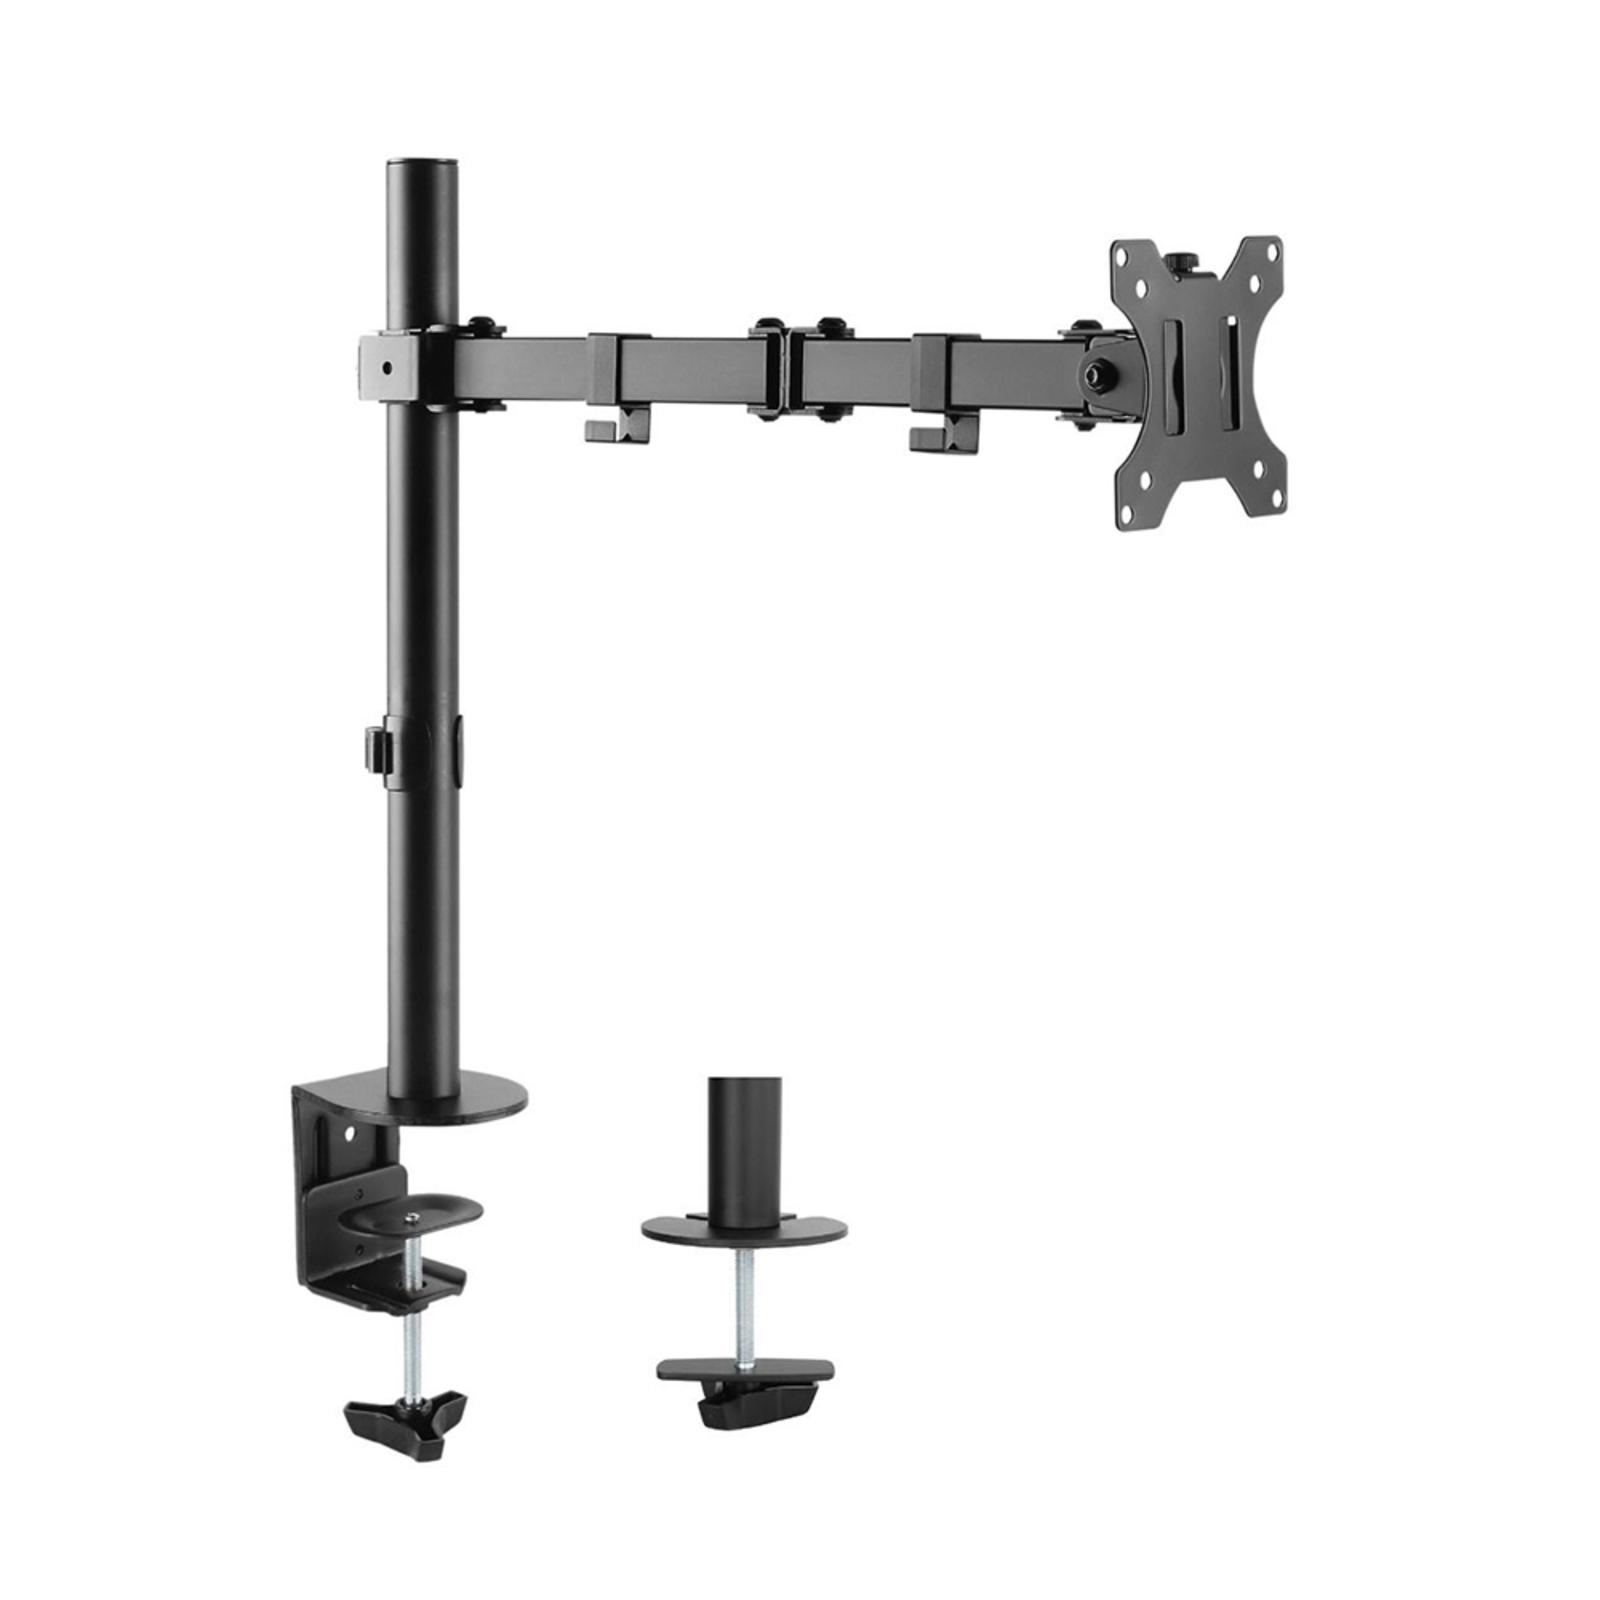 """Activiva 13"""" to 32"""" Single Monitor Screen Bracket Tilt/Rotate Arm for Desk Mount"""